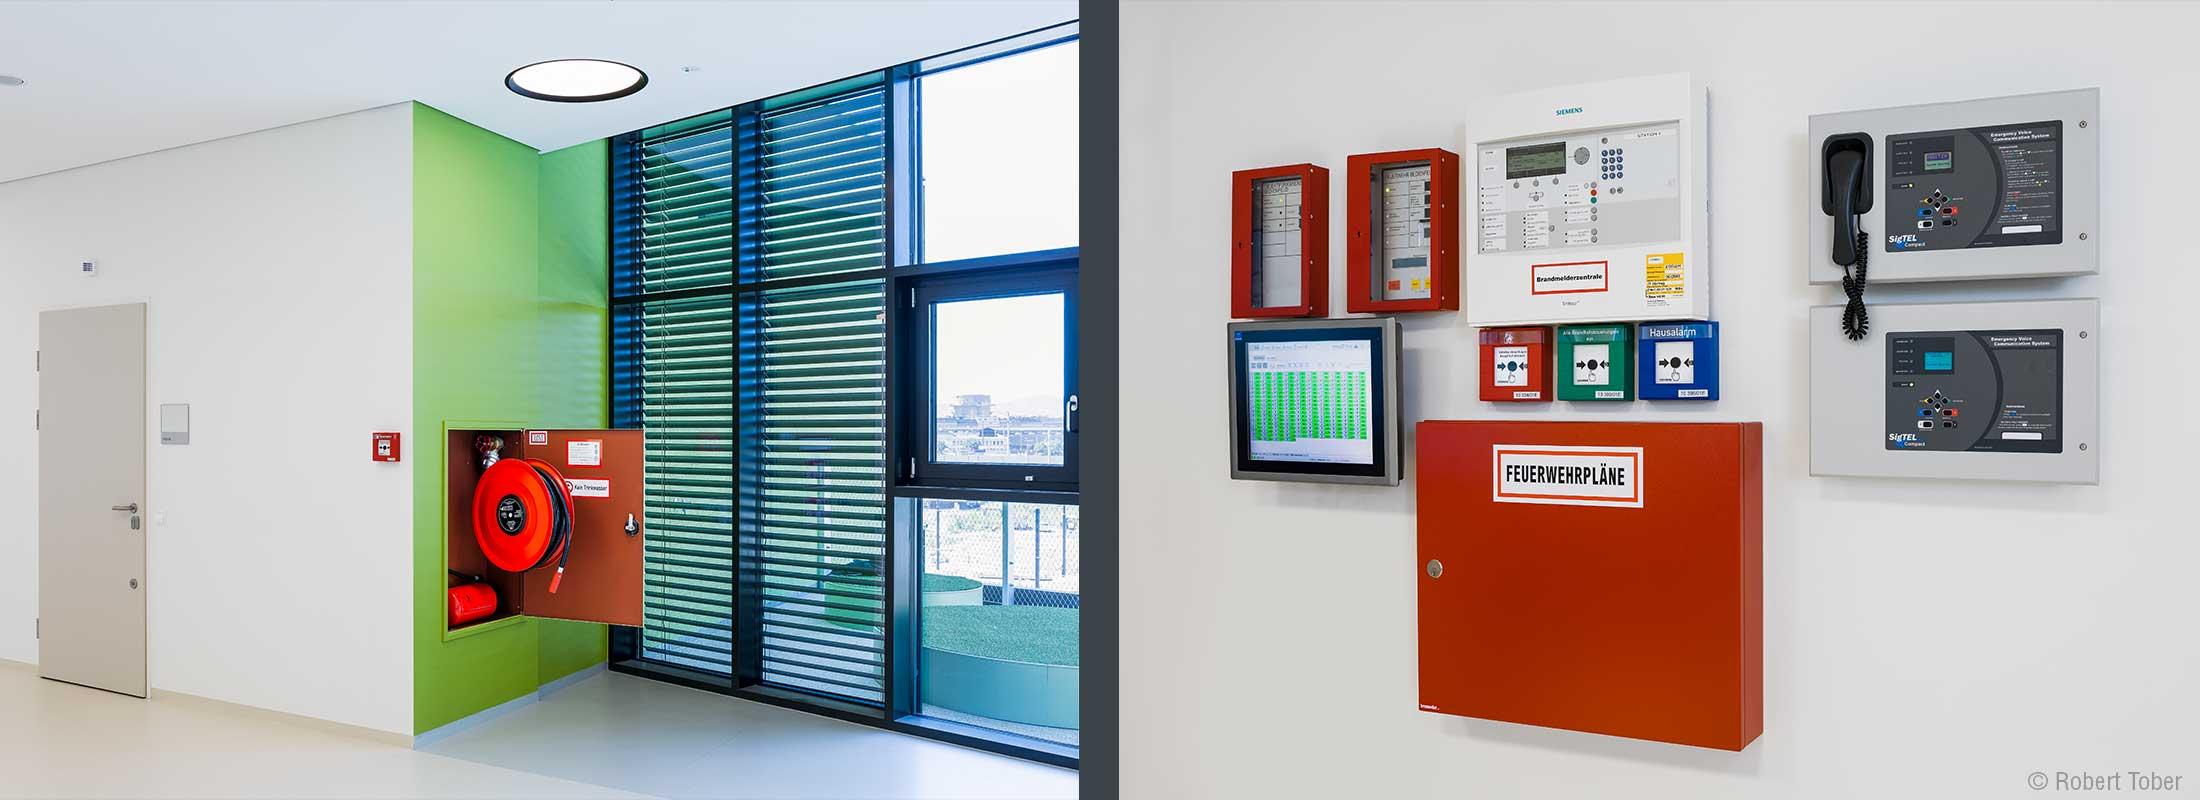 Wandhydrant und Feuerlöscher. Brandmeldezentrale. Christine Nöstlinger Campus Wien. © Robert Tober